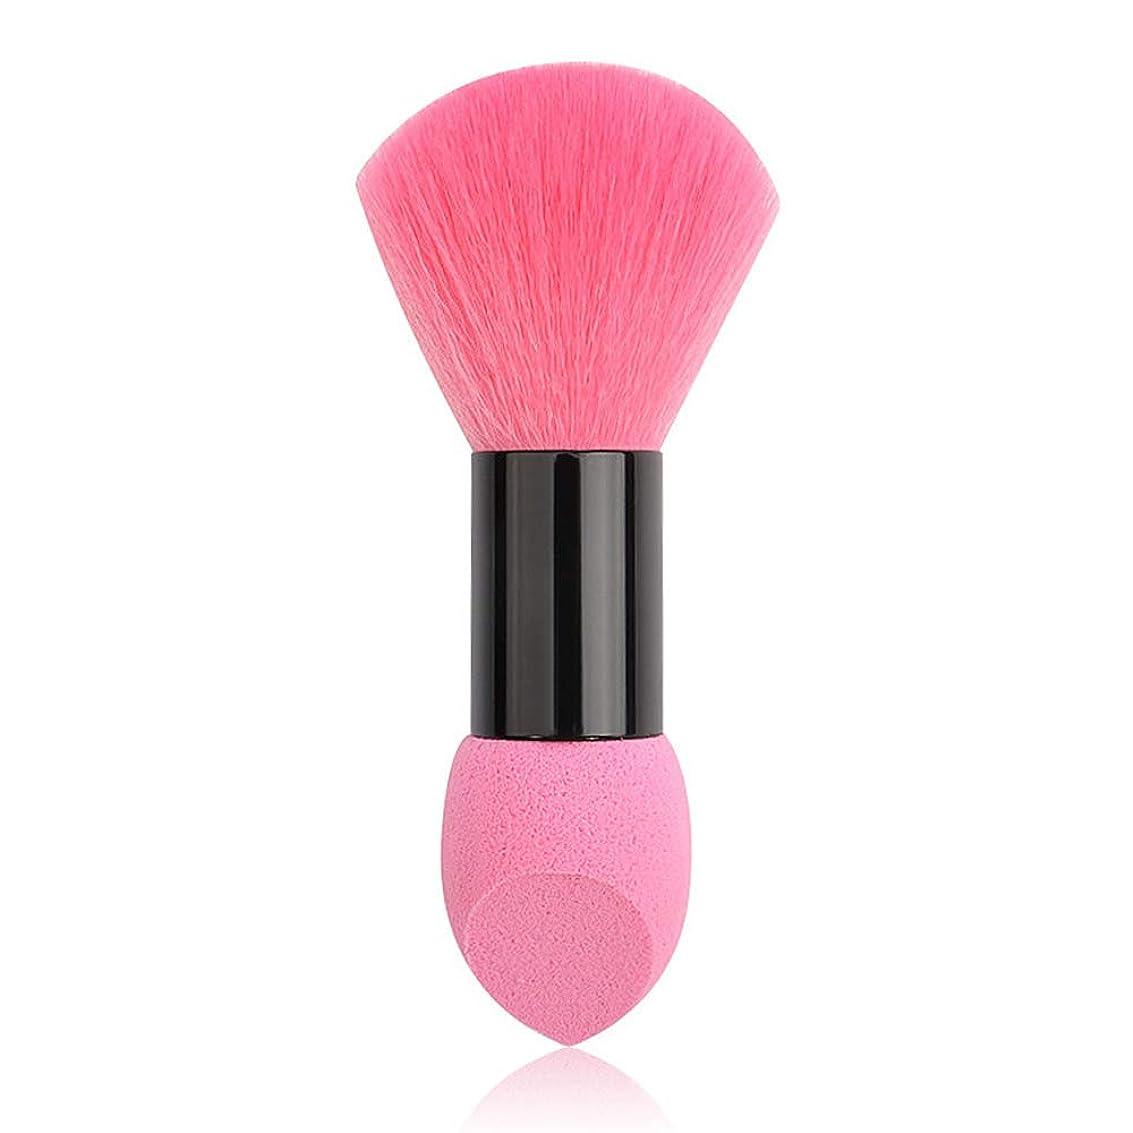 なしで不良簡潔なAIFHI ダブルヘッド化粧ブラシ 化粧筆 ファンデーションブラシ フェイスブラシパフツーインワン(ピンク)